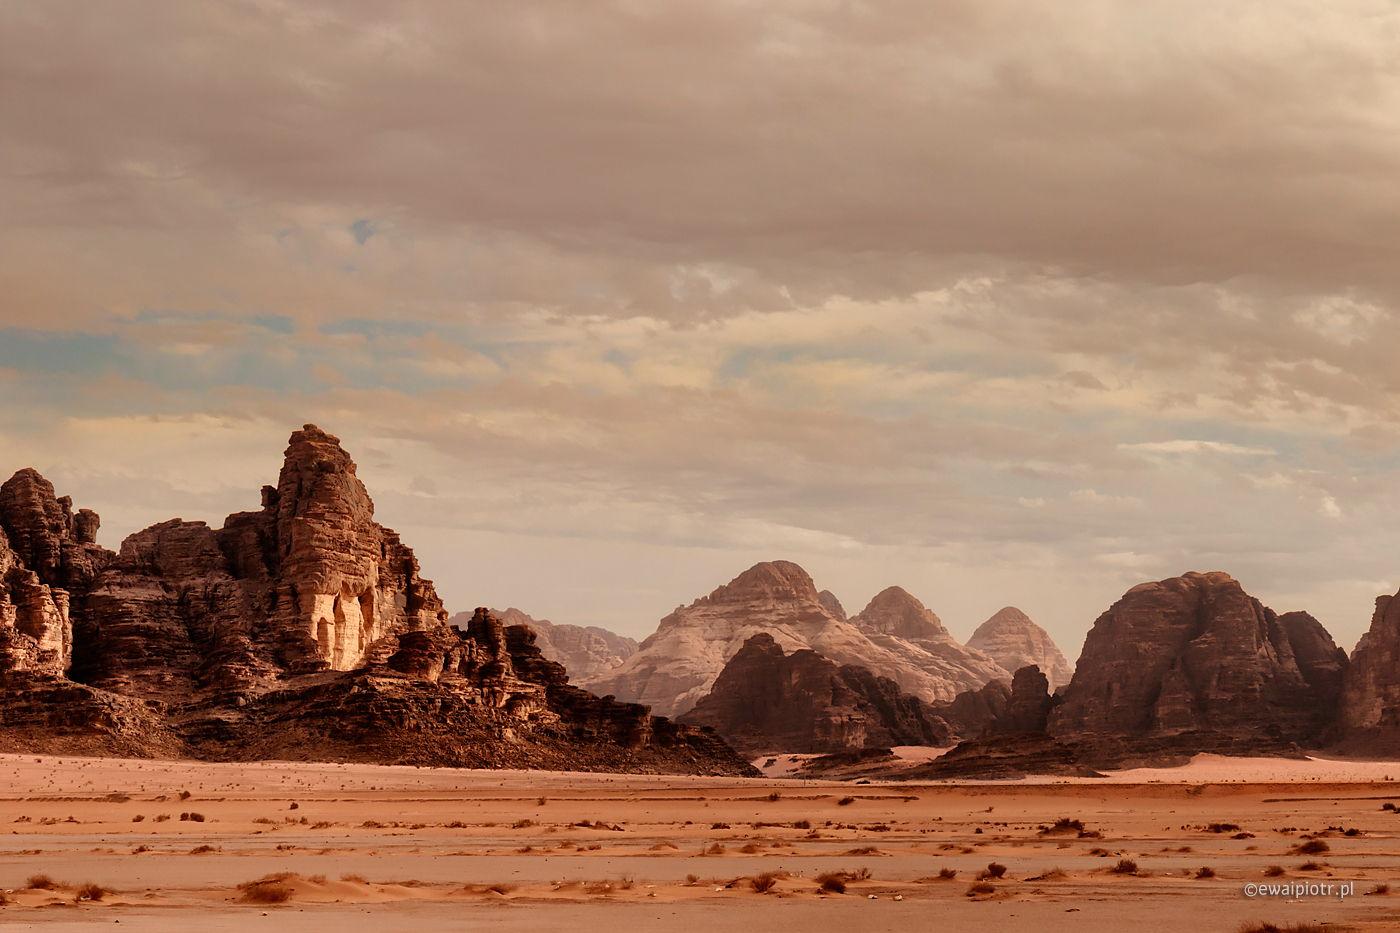 Skalne formacje Wadi Rum, Jordania, pustynia, warsztaty fotograficzne